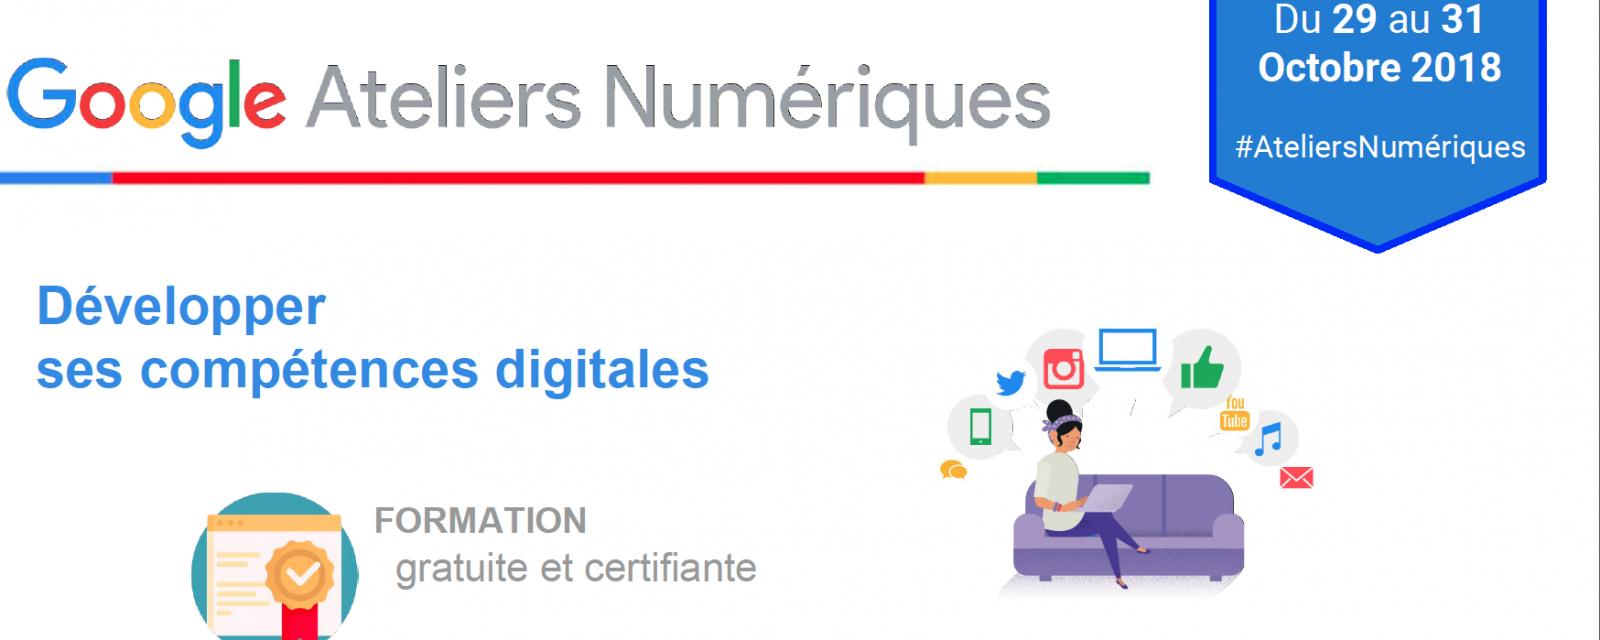 Google Ateliers Numériques à l'Université